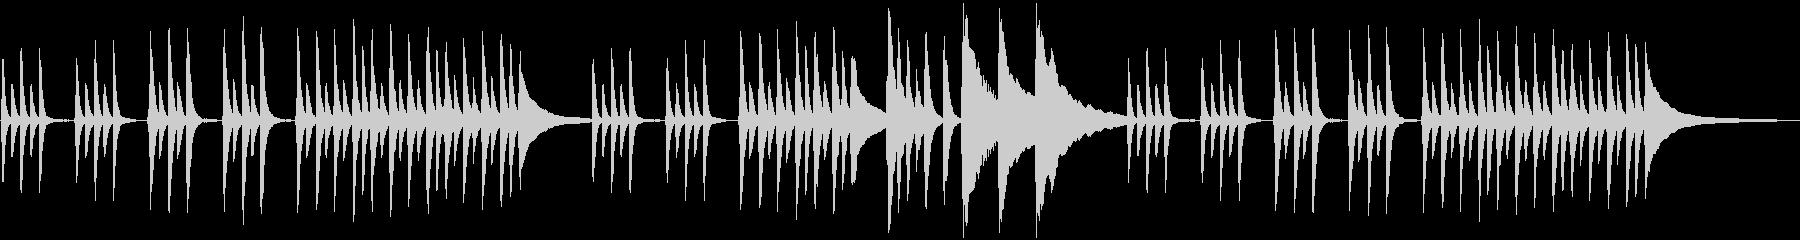 可愛い系のピアノのシンプルなBGMの未再生の波形